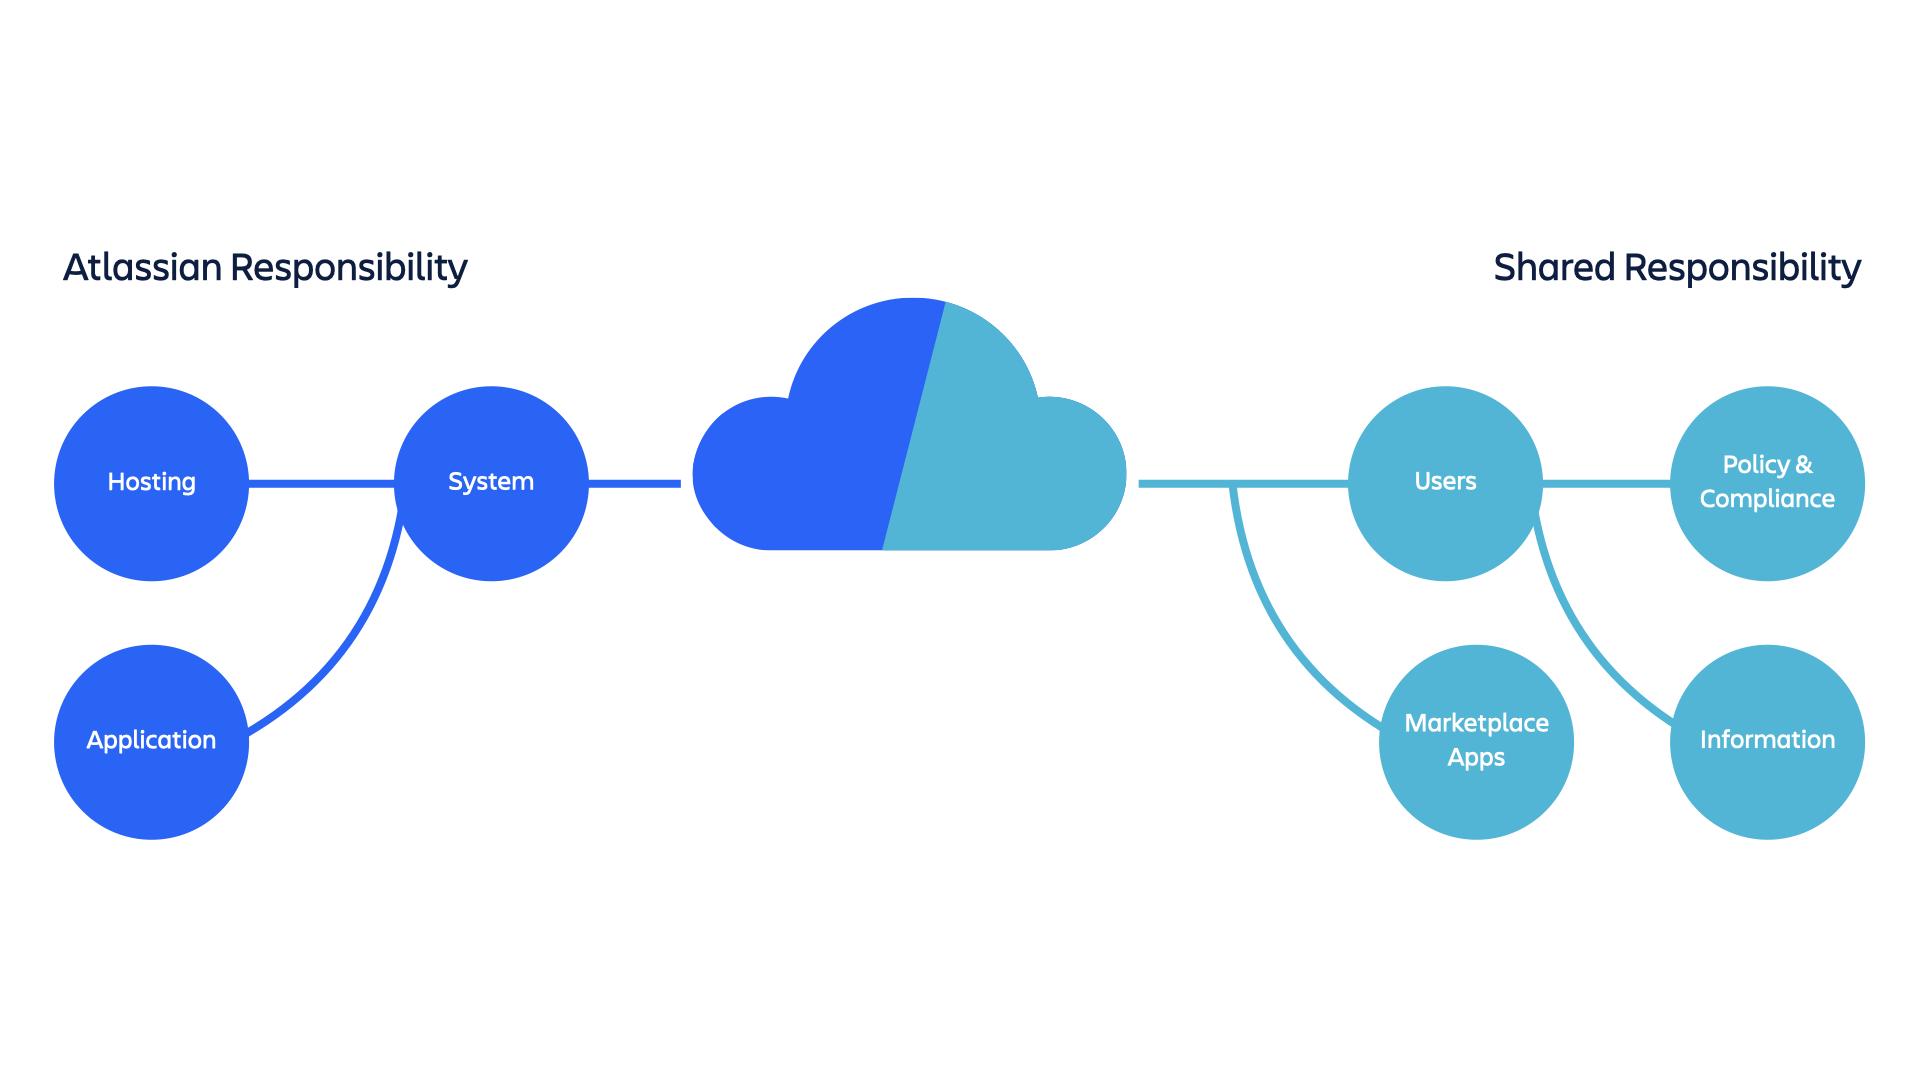 Schemat obowiązków Atlassian i obowiązków wspólnych